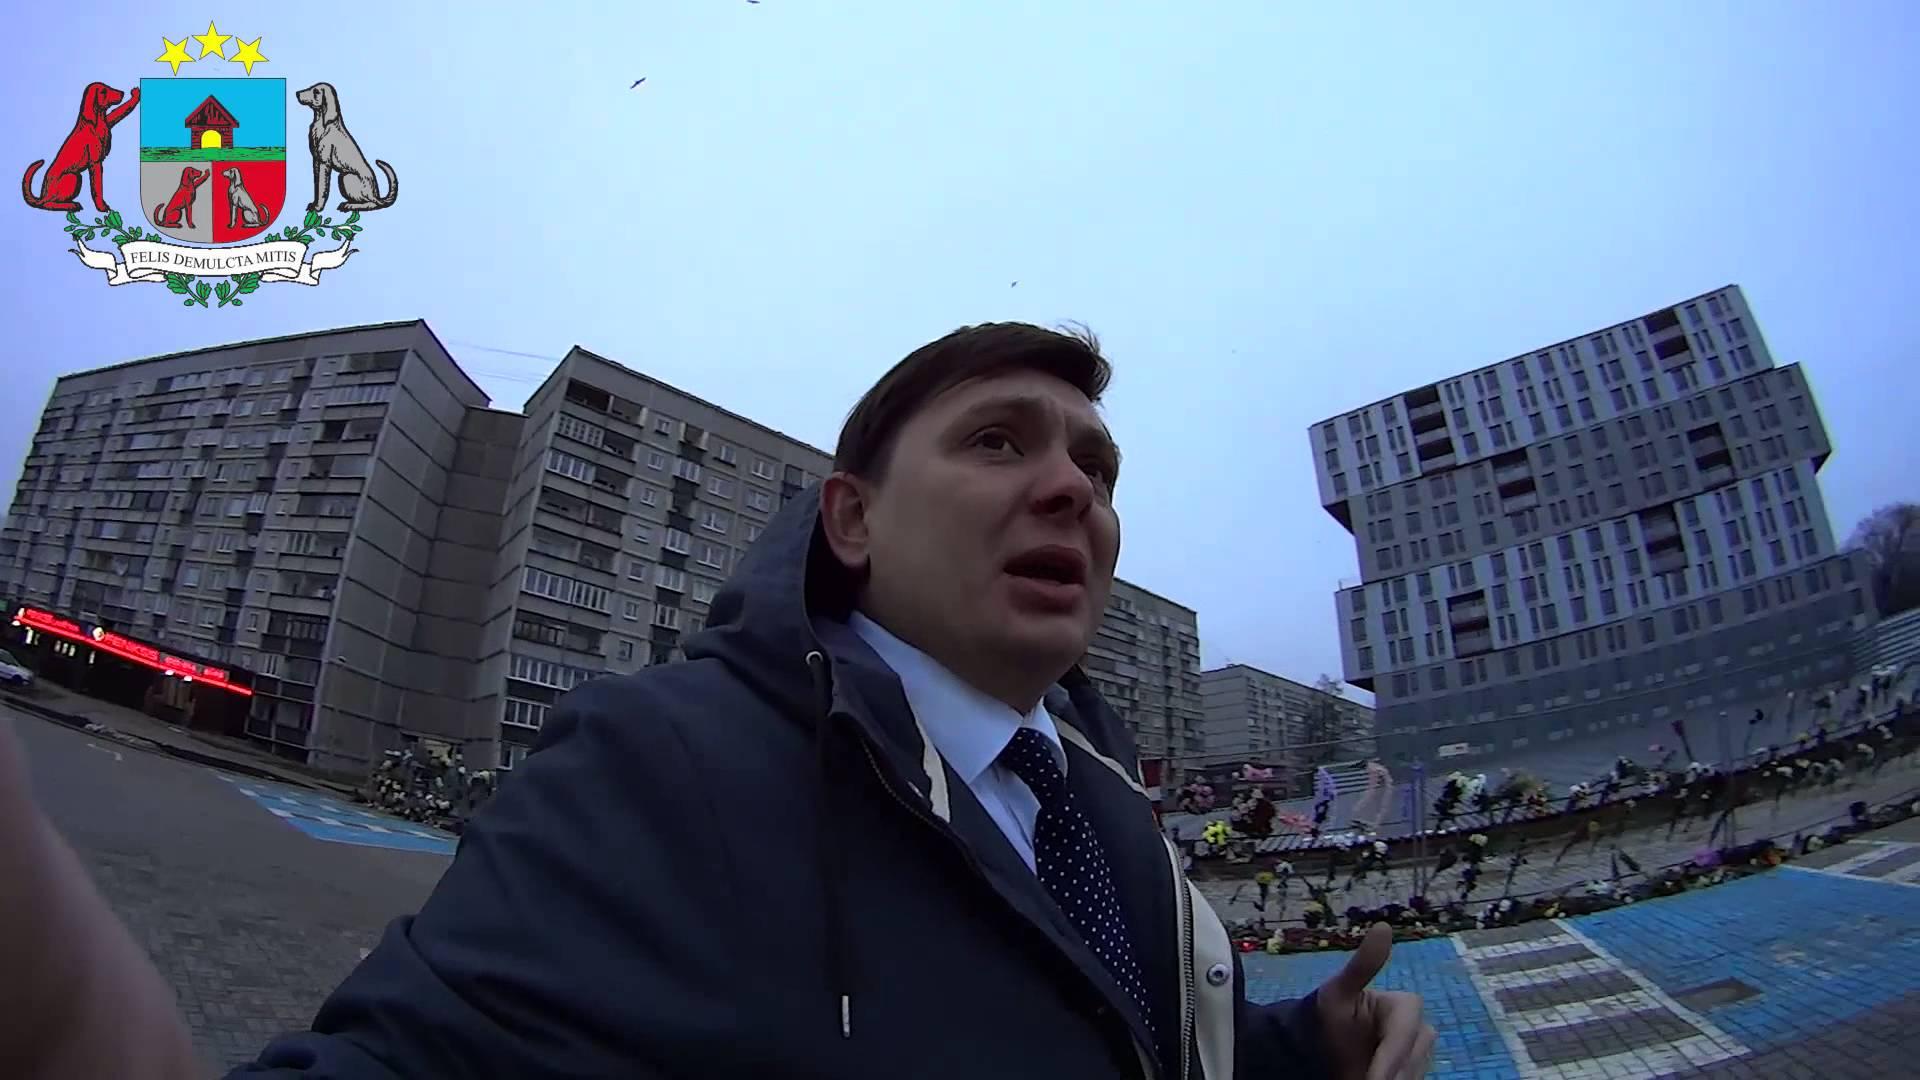 VIDEO – Artuss Kaimiņš video vēstījumā lūdz mūsu visu palīdzību saistībā ar Maksimas traģēdijas izmeklēšanas komisiju!